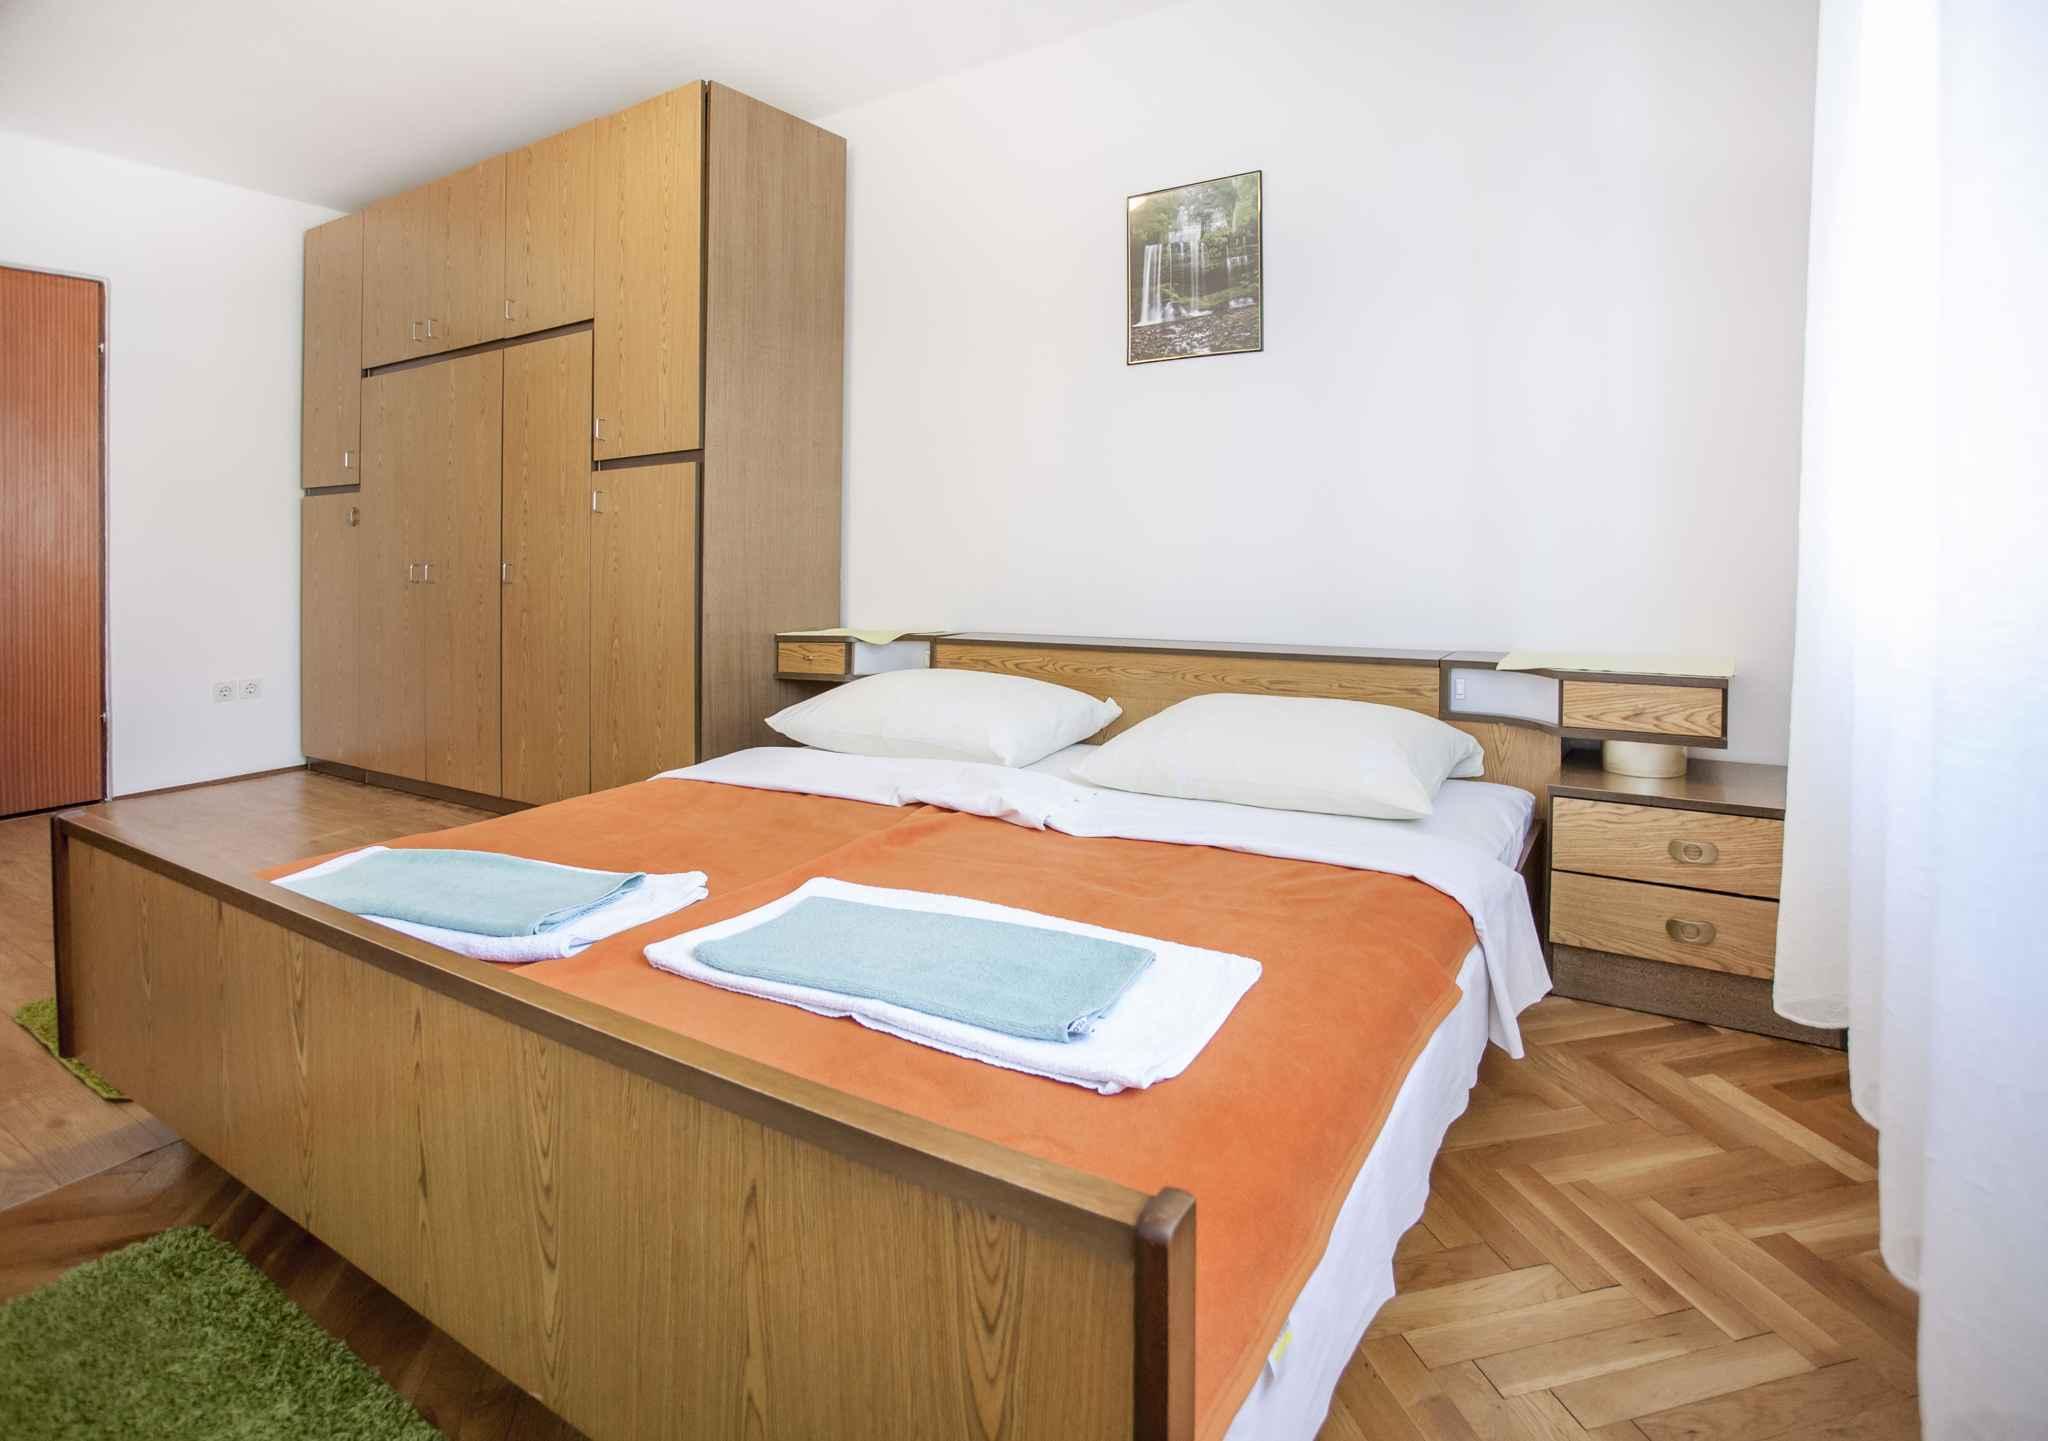 Ferienwohnung u centru (280994), Rovinj, , Istrien, Kroatien, Bild 18